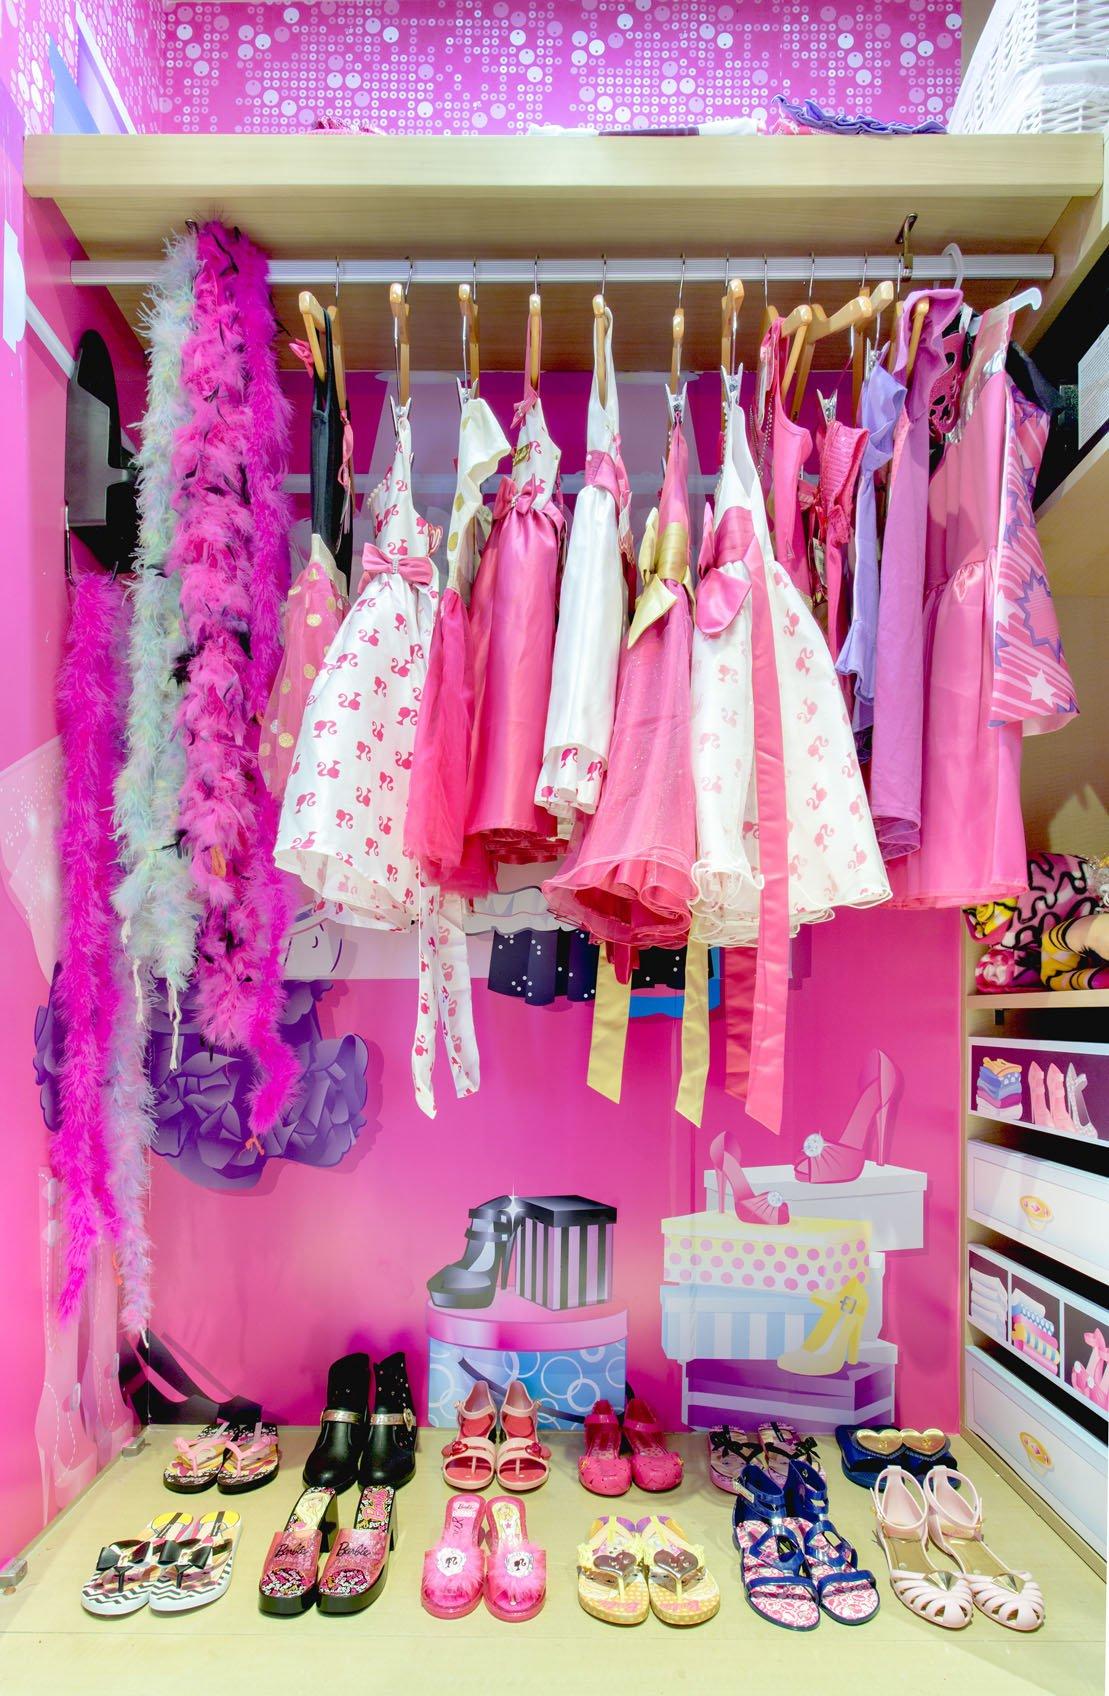 Luxuryretail_Barbie-Room-Hilton-dress